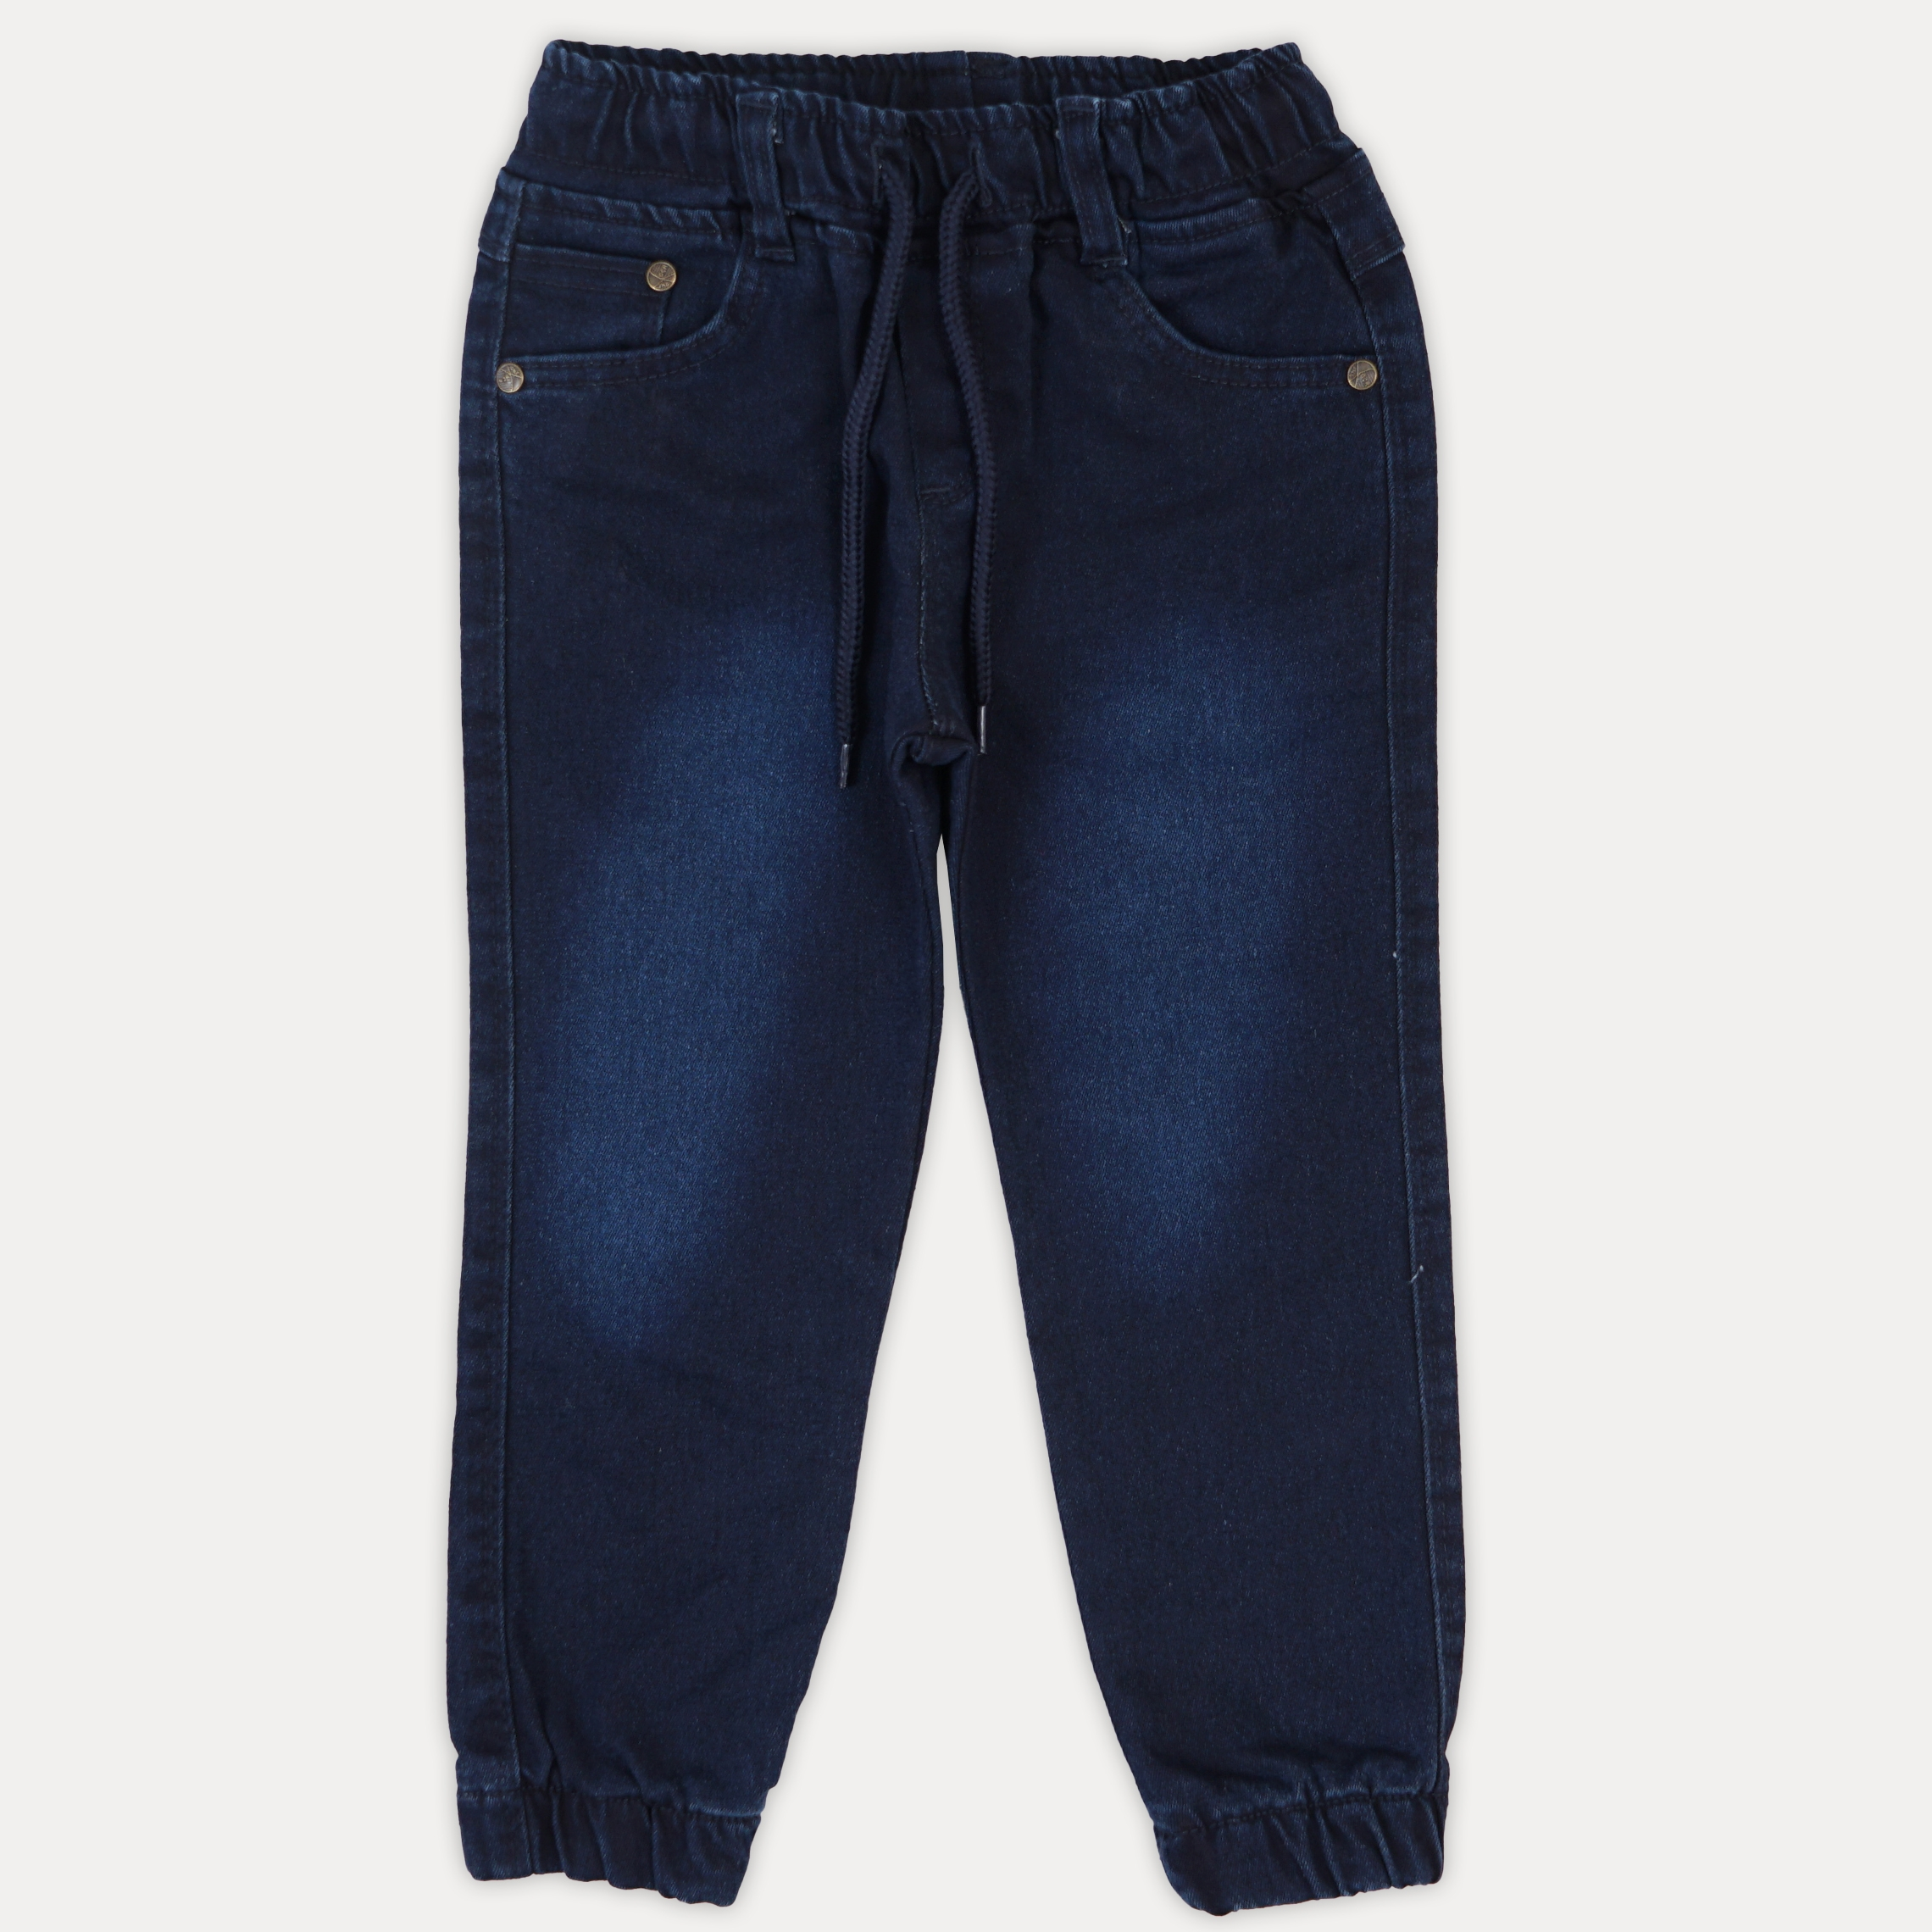 Однотонные модные синие джинсы для мальчика